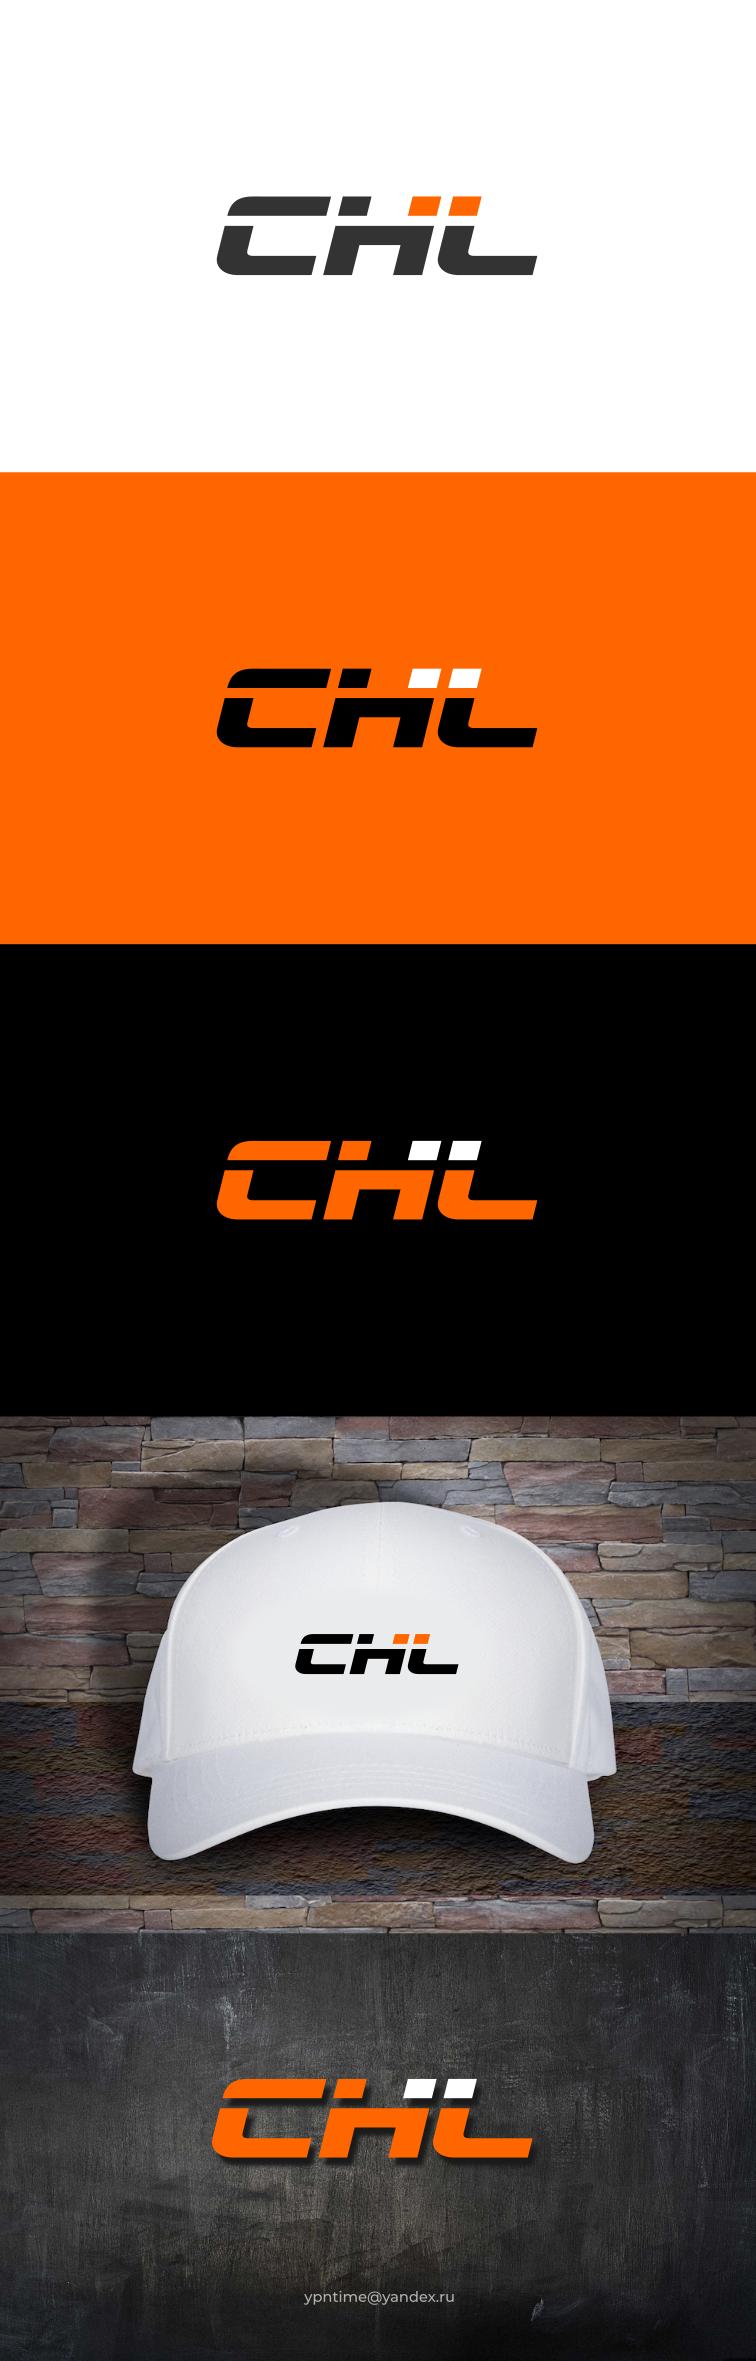 разработка логотипа для производителя фар фото f_0975f5ce0b933254.png